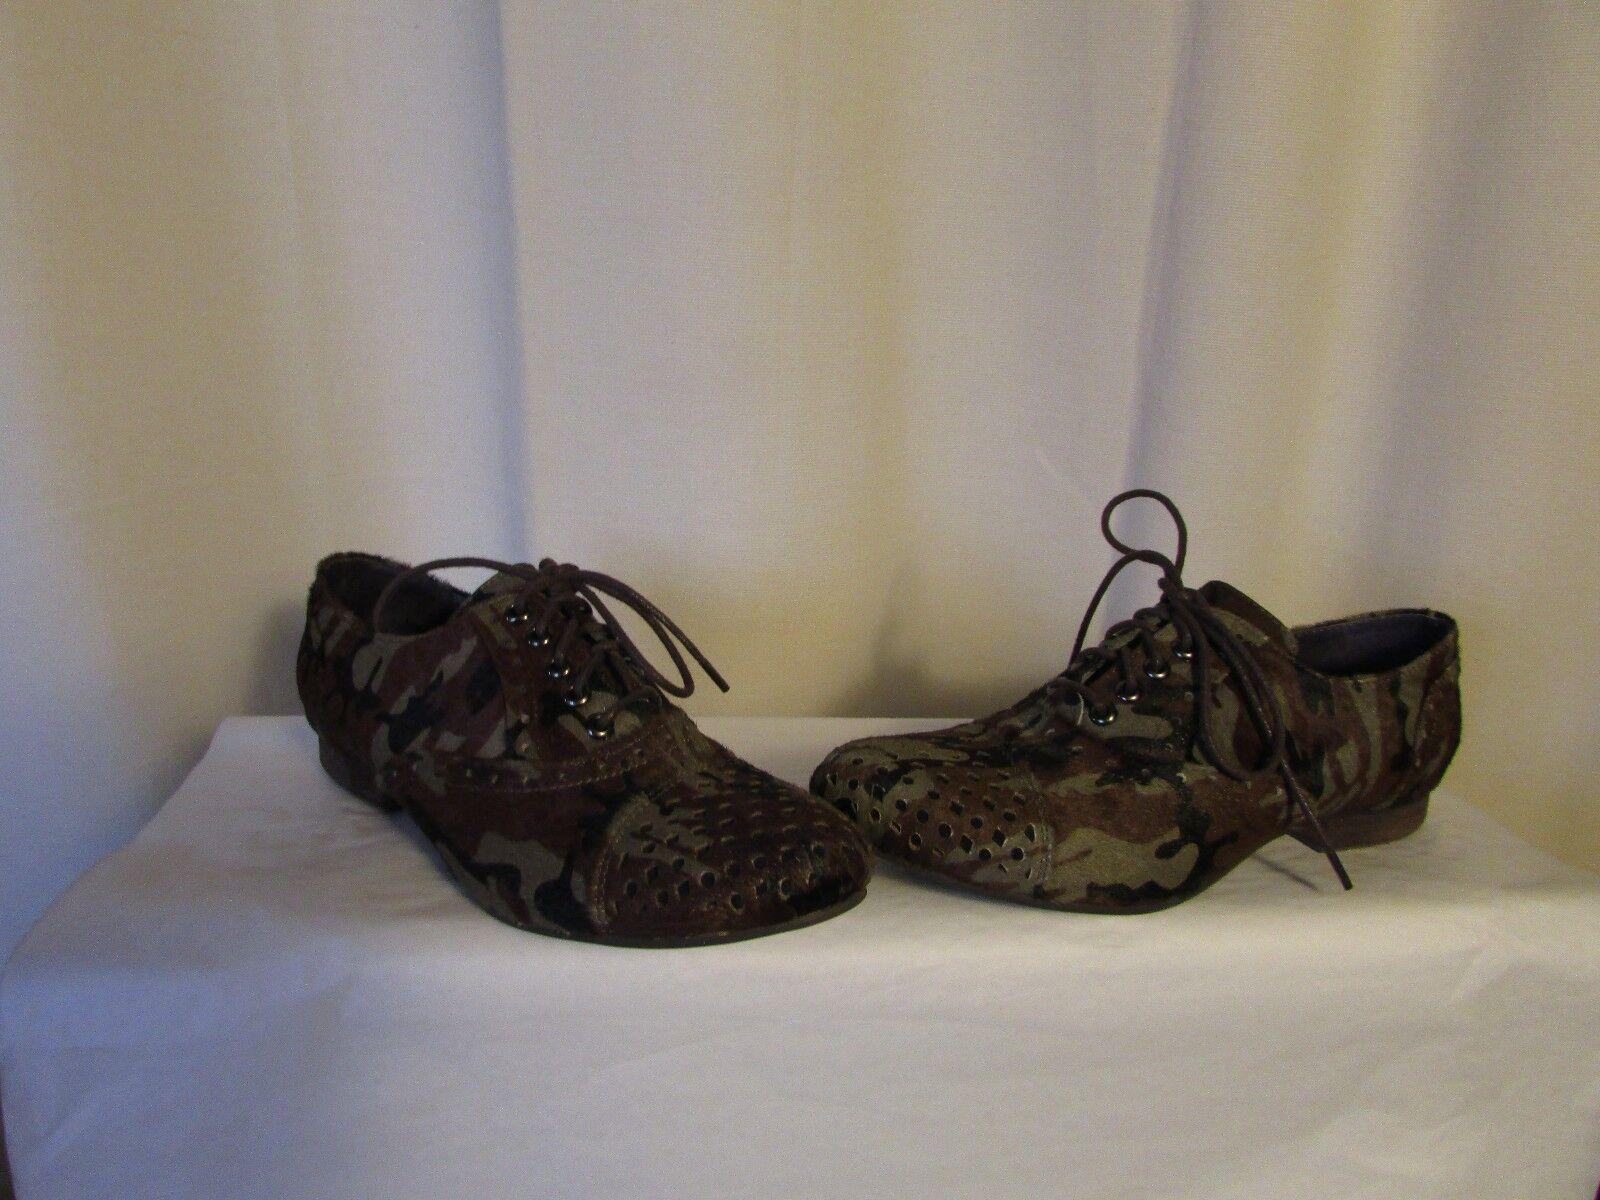 Chaussures COULEUR POURPRE poil de poulain camouflage 36